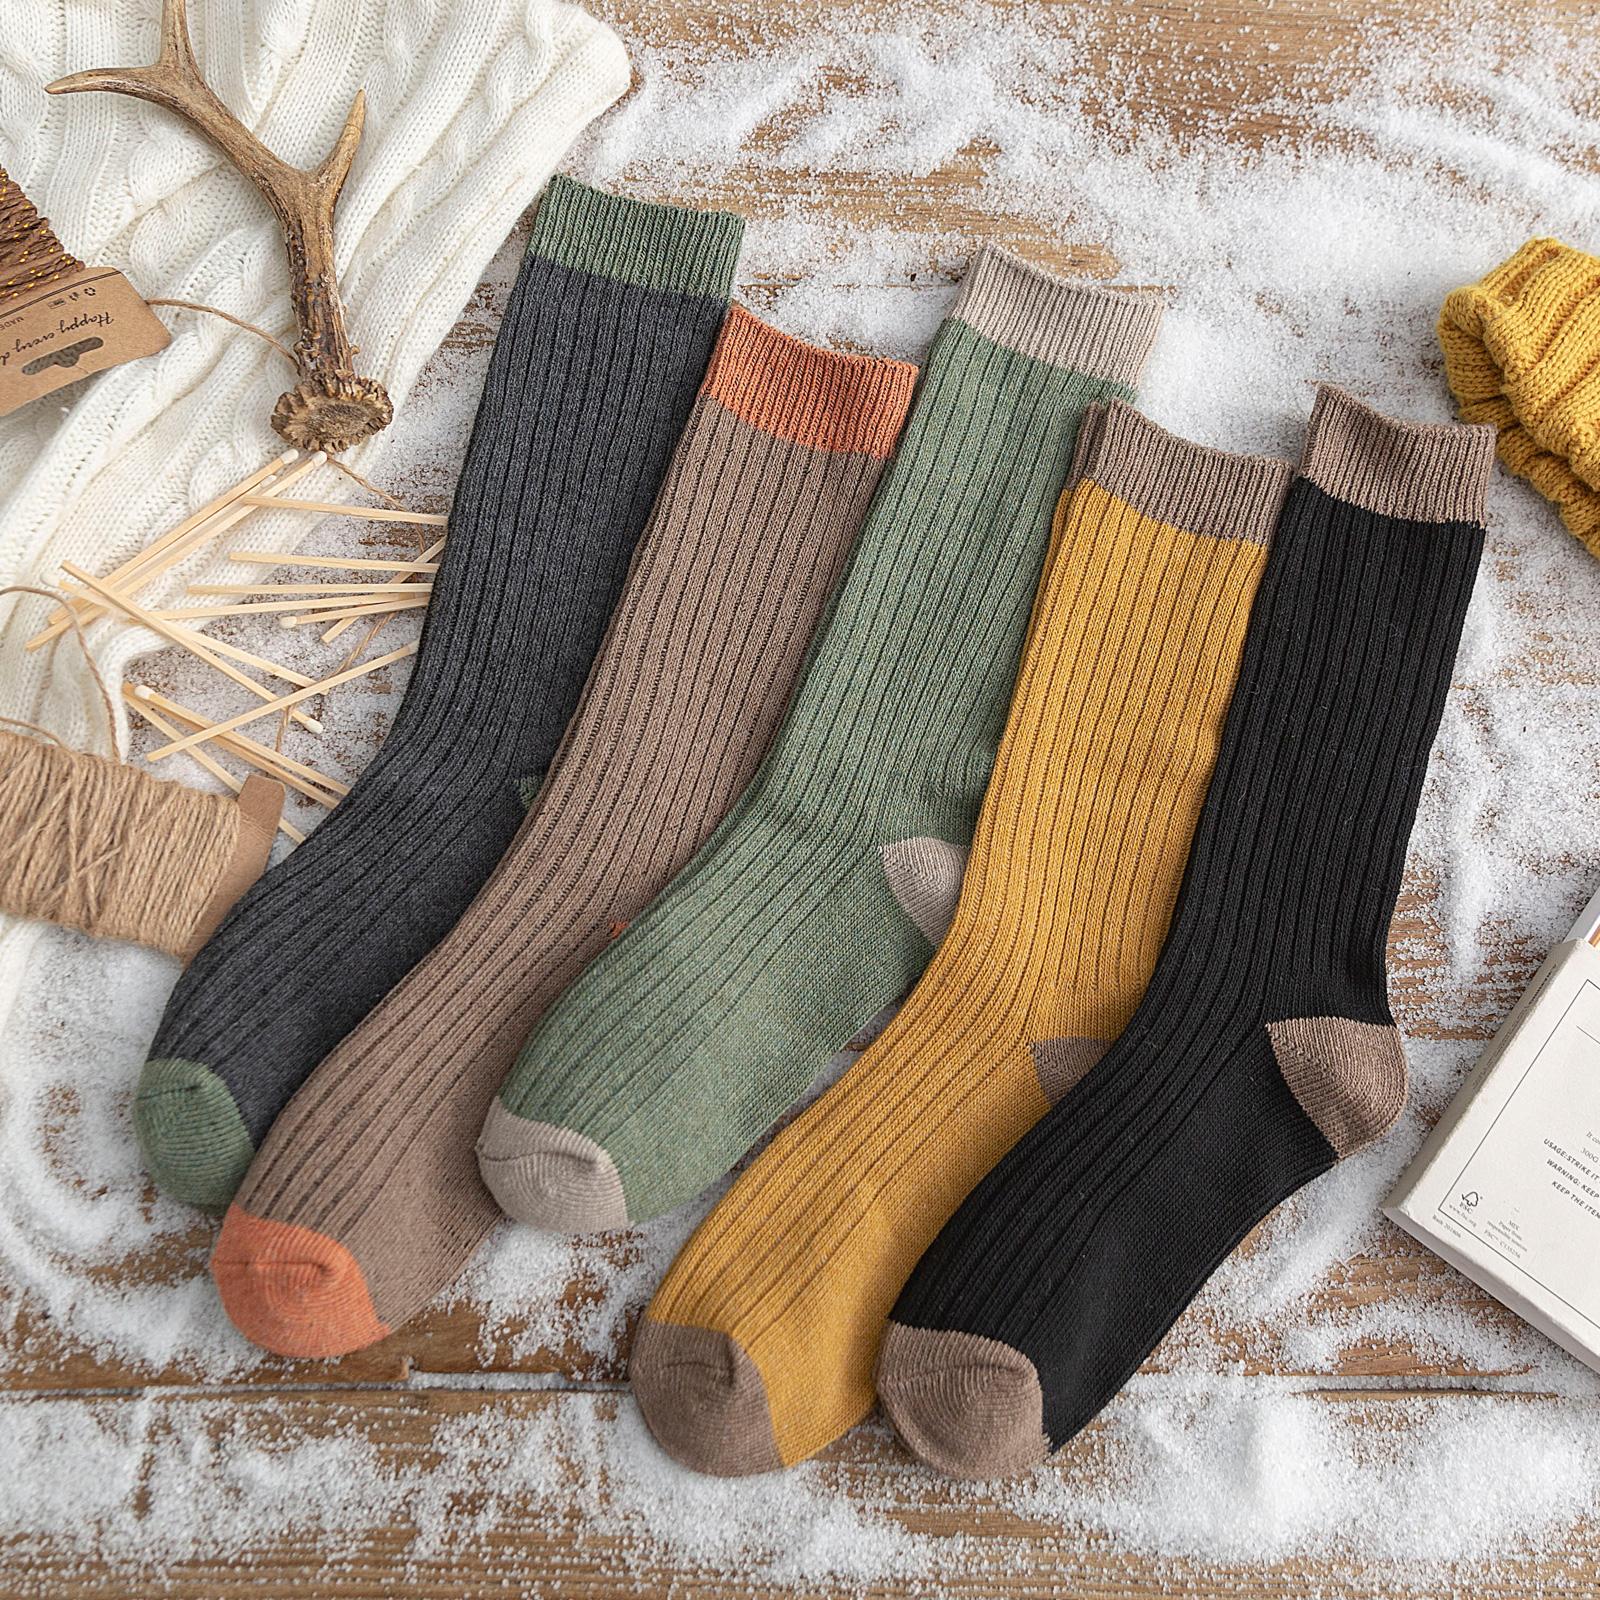 堆堆袜女春秋薄款中筒袜纯棉高帮个性韩国日系长筒袜子高筒袜秋冬